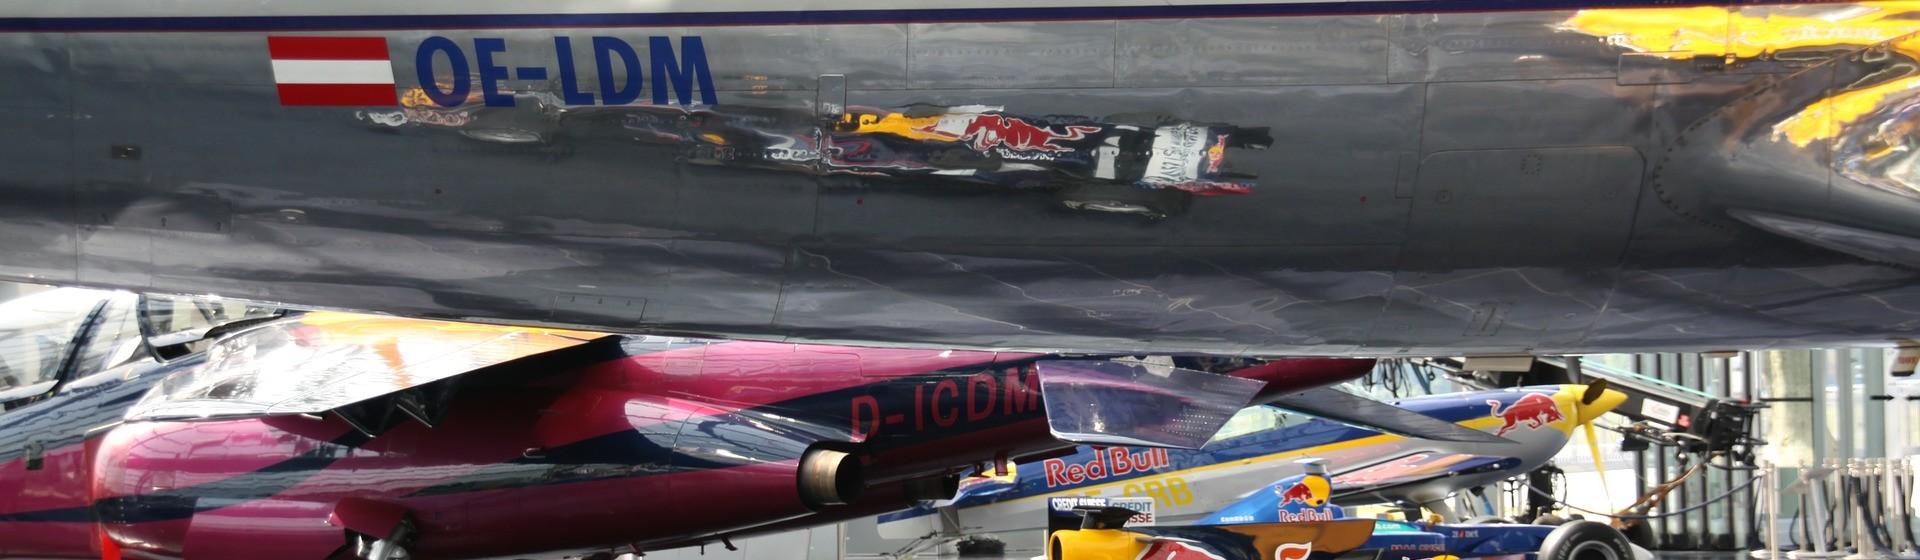 F1 SPA-BELGIUM 01.09.2019